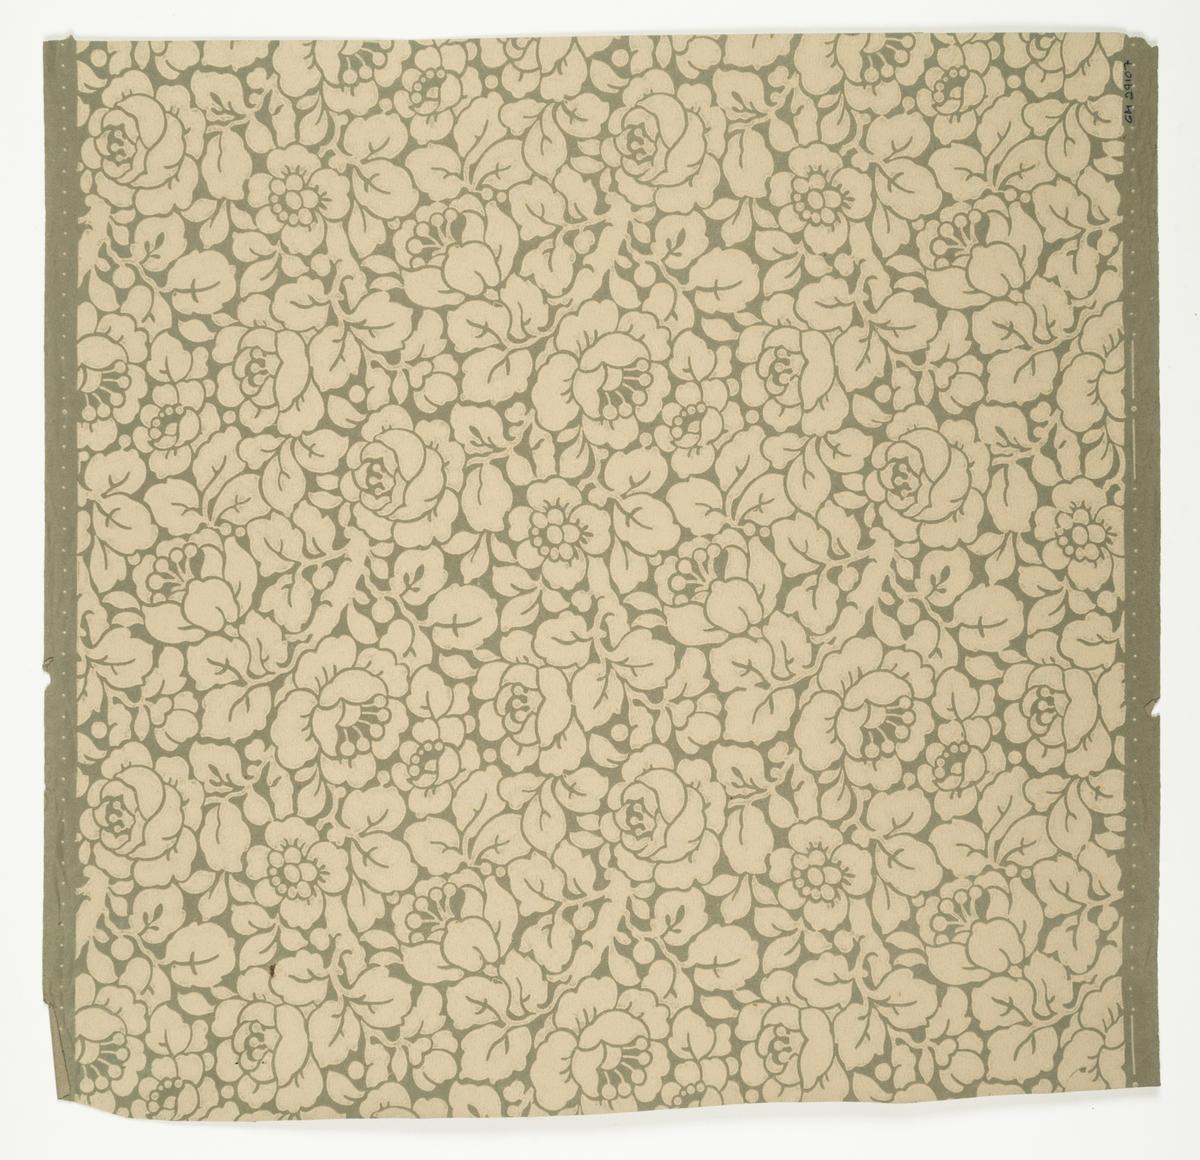 Grått genomfärgat papper med ett tätt ytfyllande blommönster i cremebeige.